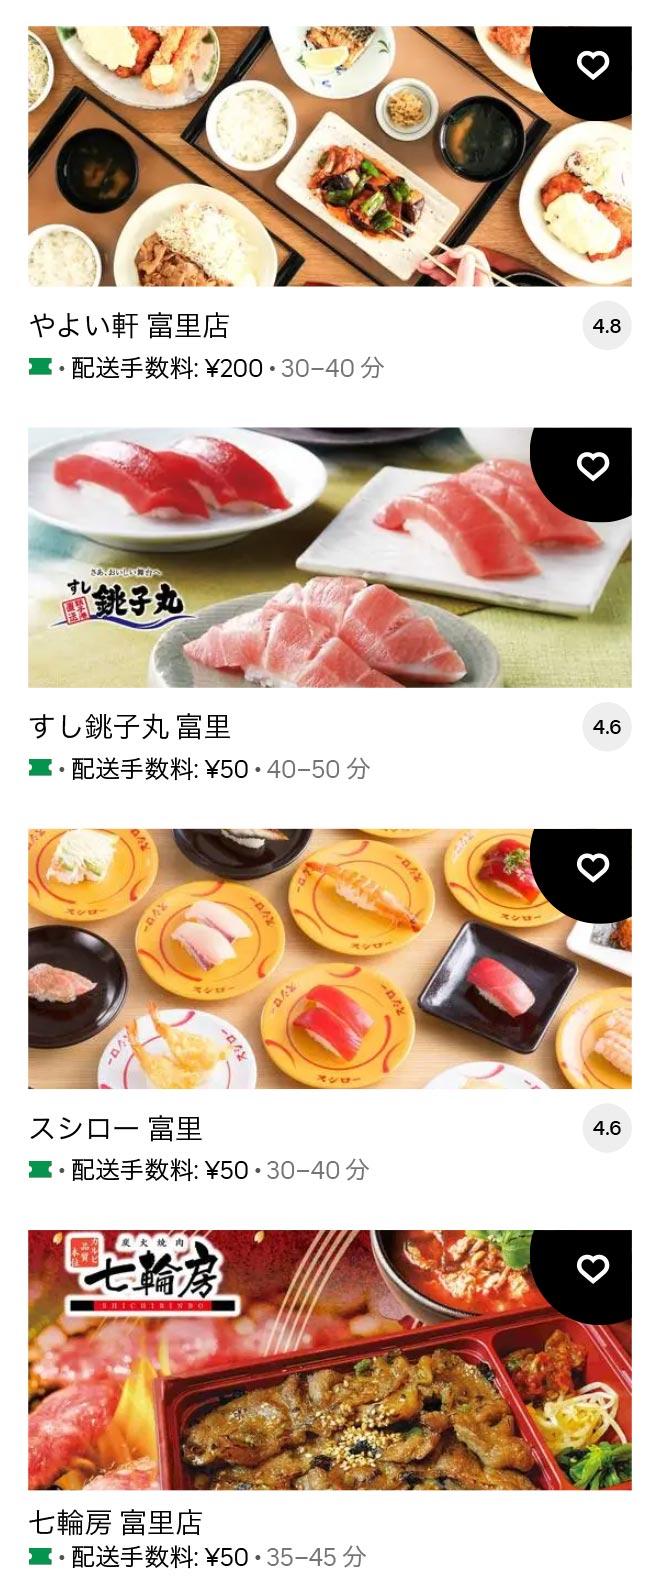 U tomisato menu 2104 04